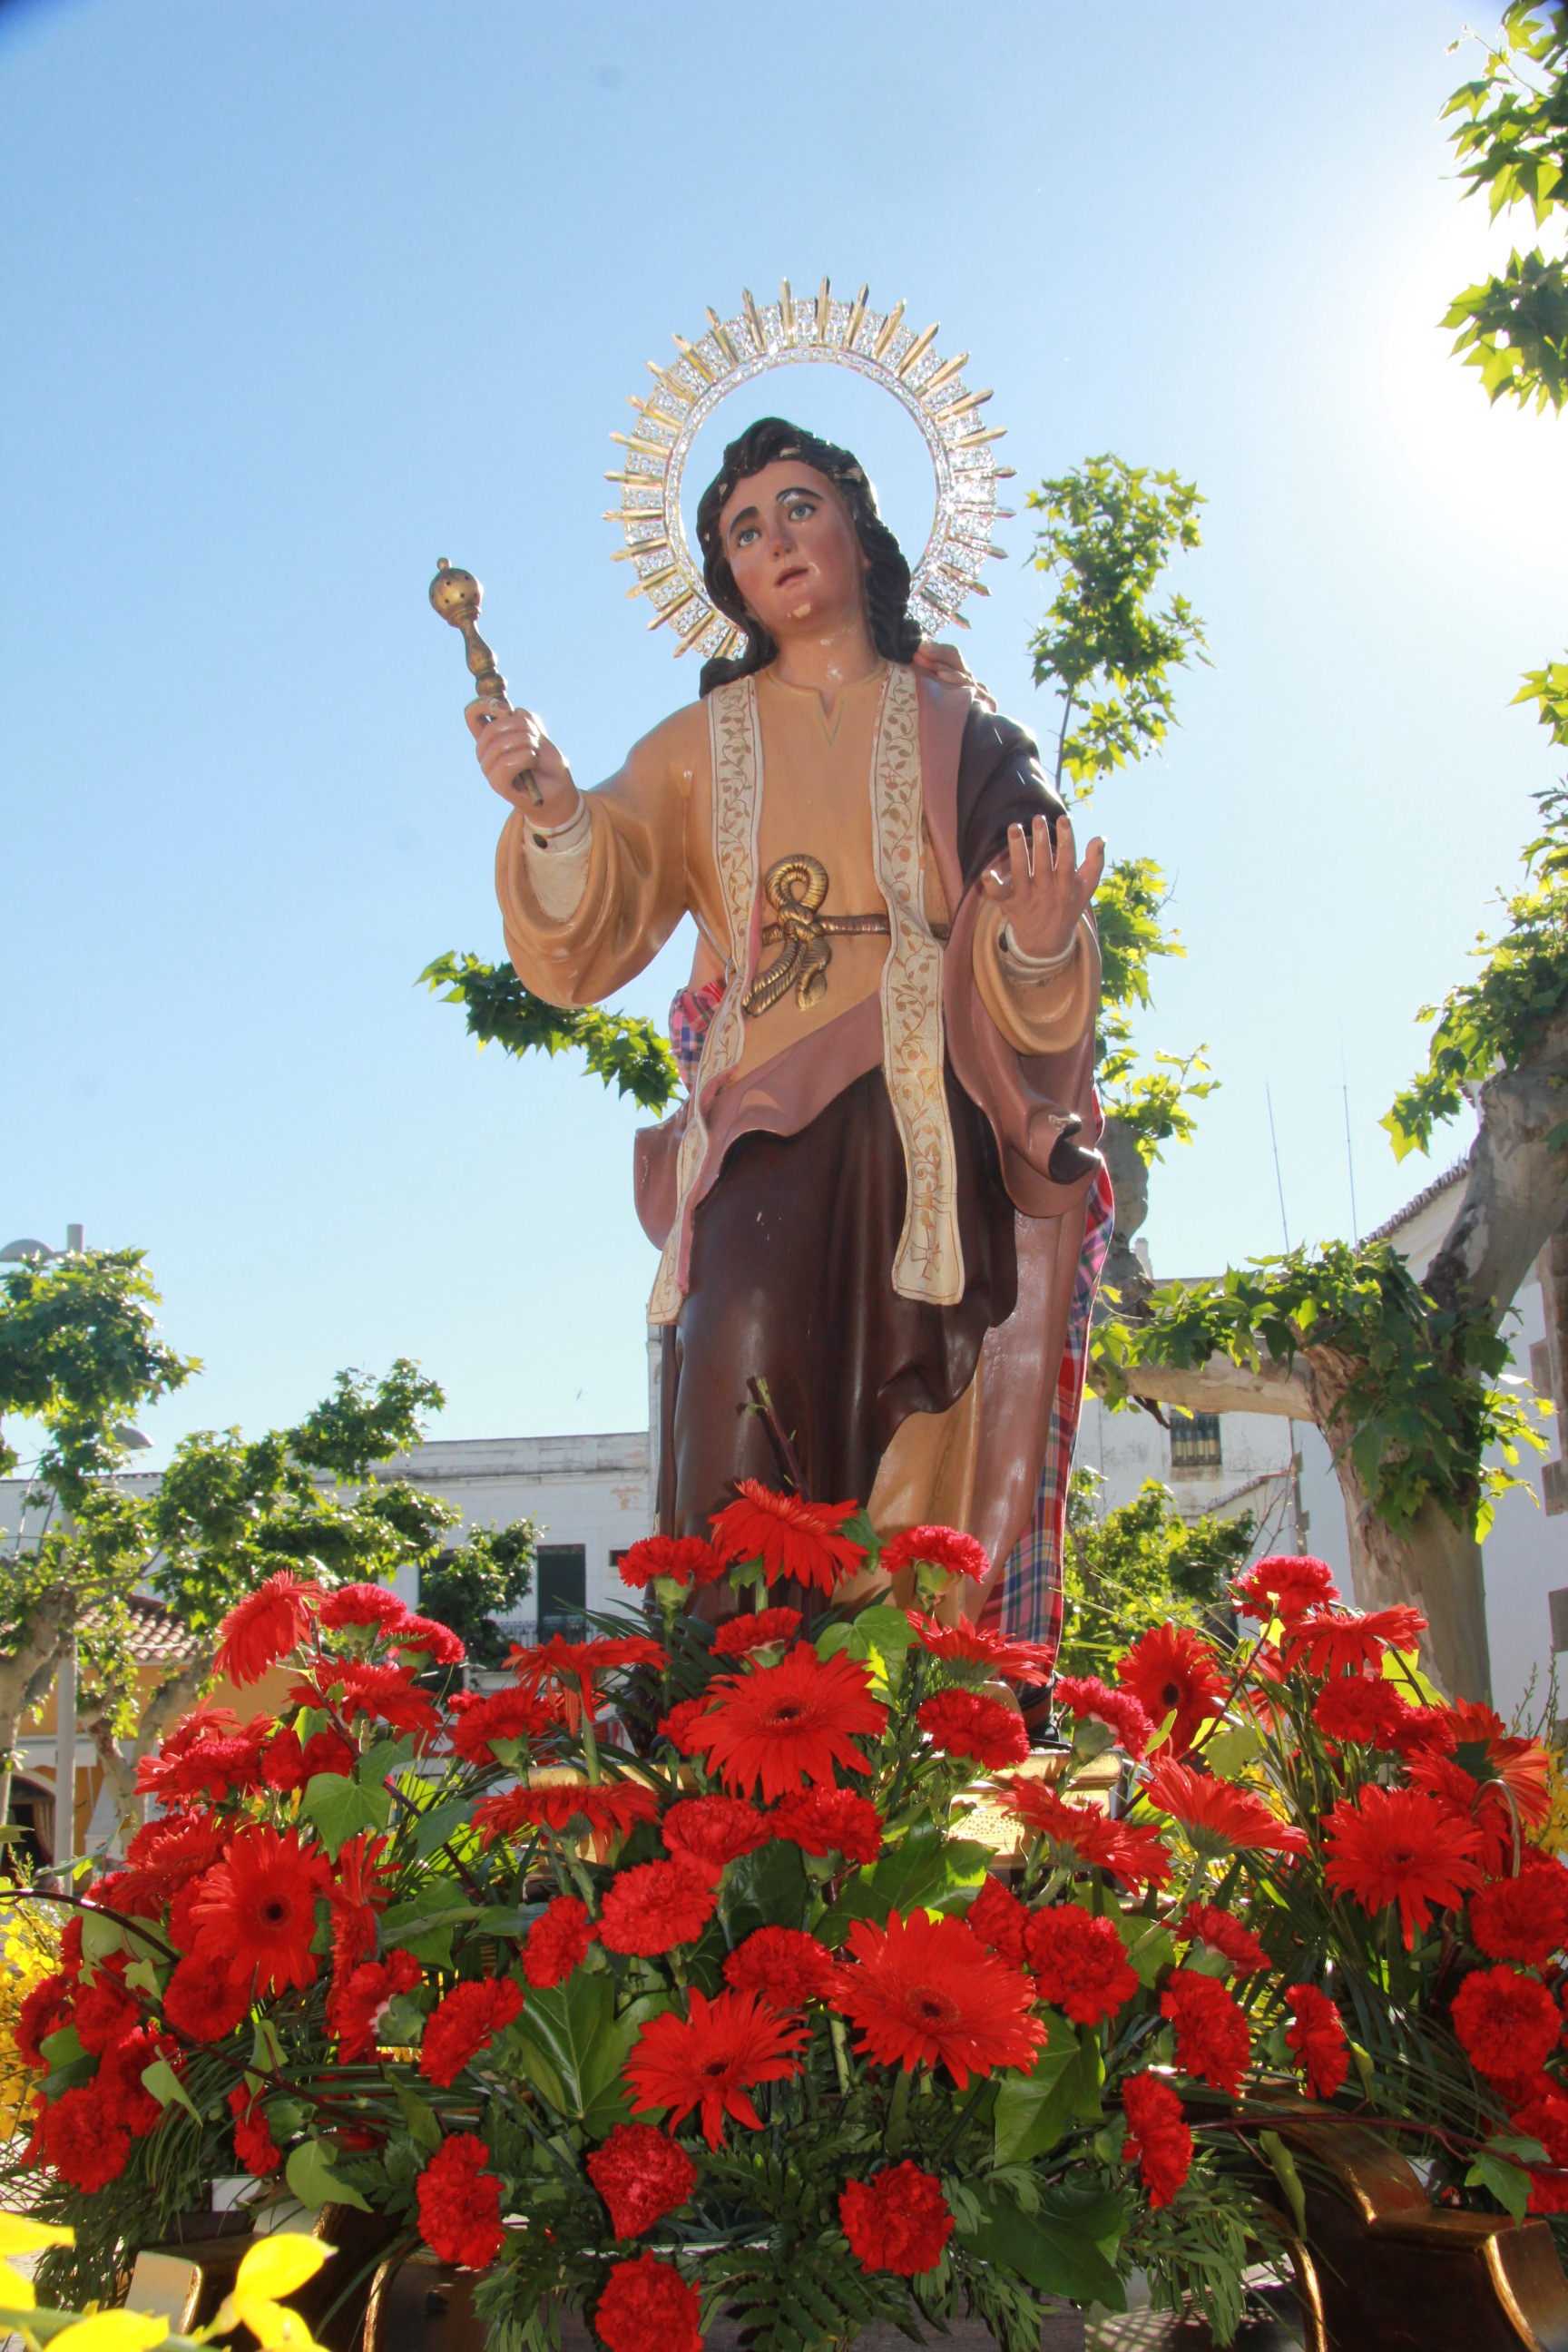 Romería de San Ginés (Elena García), 04-05-14